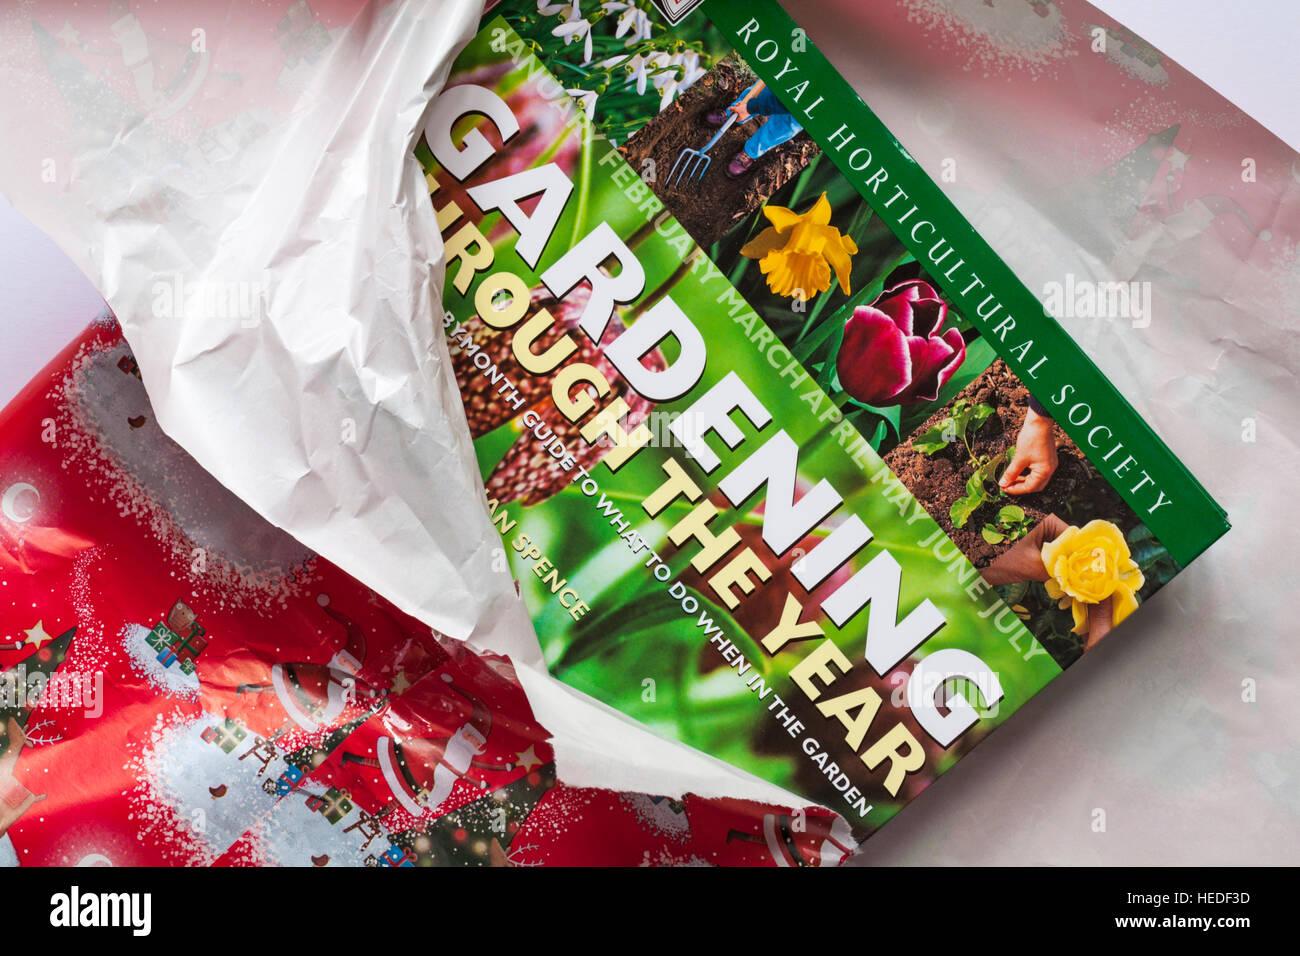 Desenvolver jardín regalo de Navidad - Royal Horticultural Society jardinería a través del libro Imagen De Stock